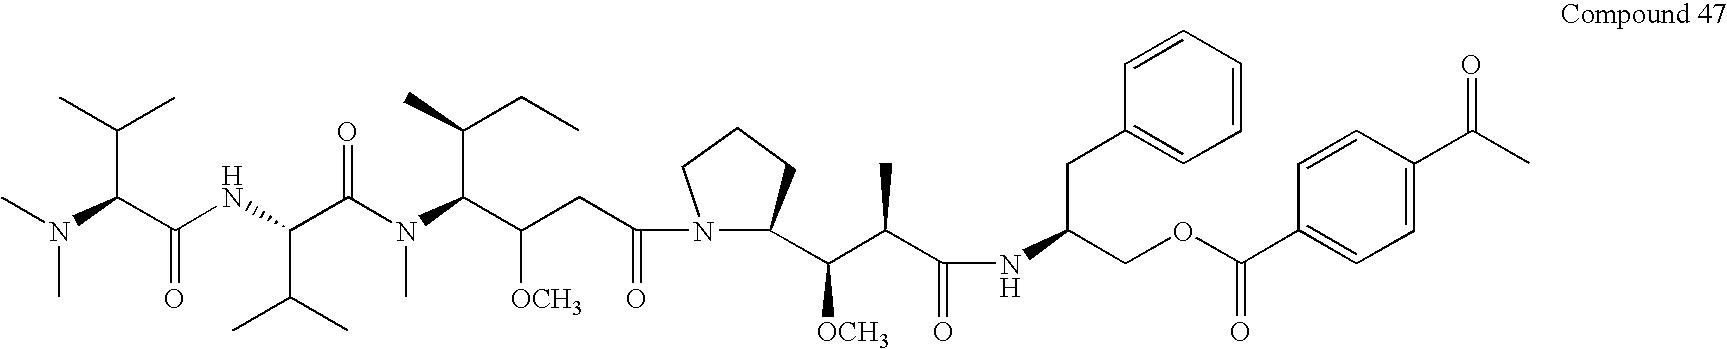 Figure US06884869-20050426-C00113